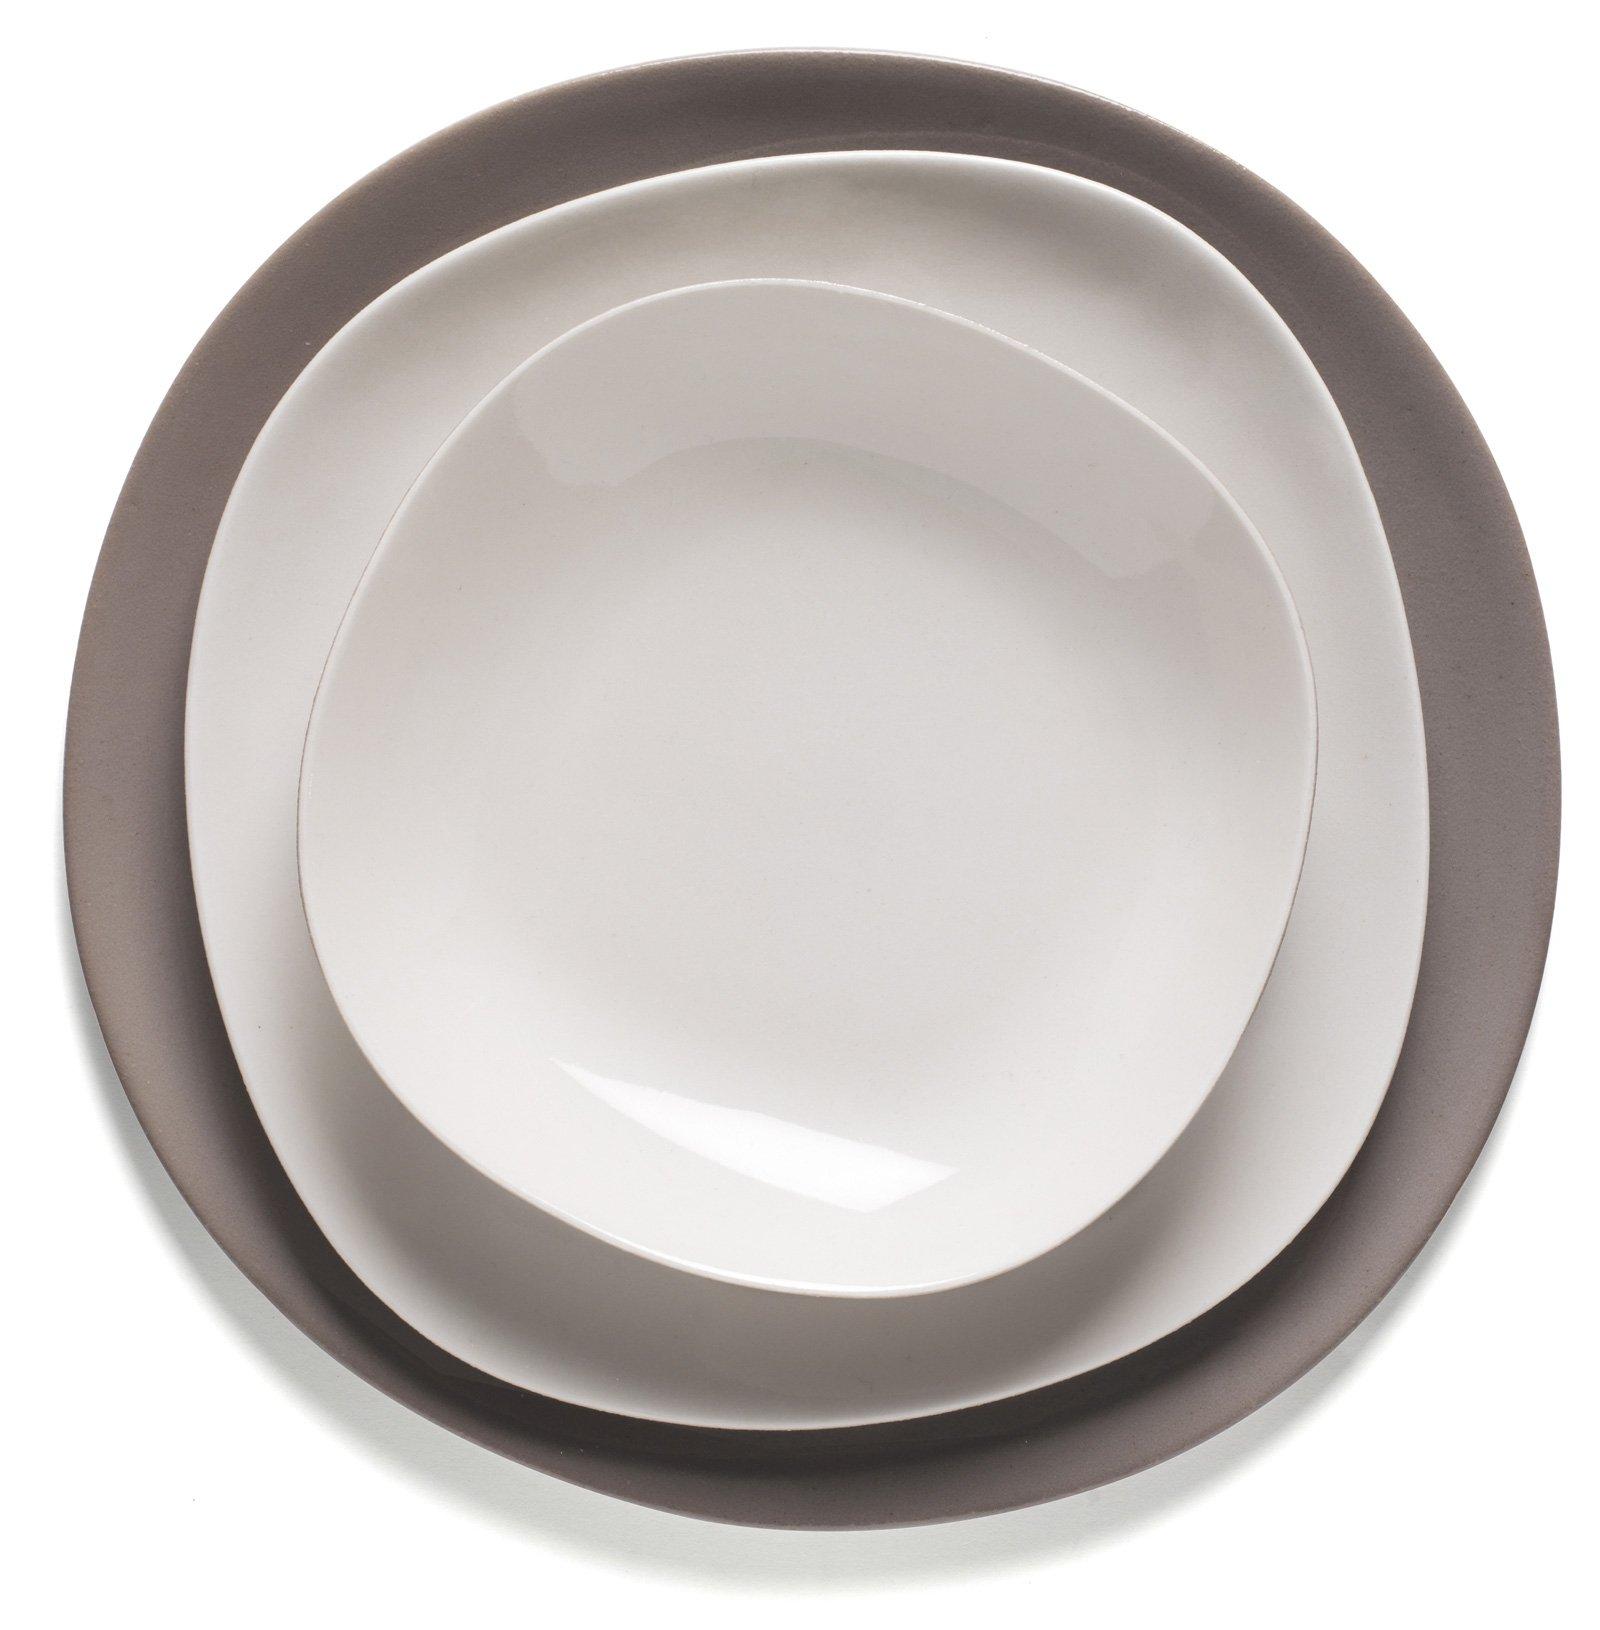 Homi 2015 dal 12 settembre i servizi per la tavola - Servizi di piatti ikea ...